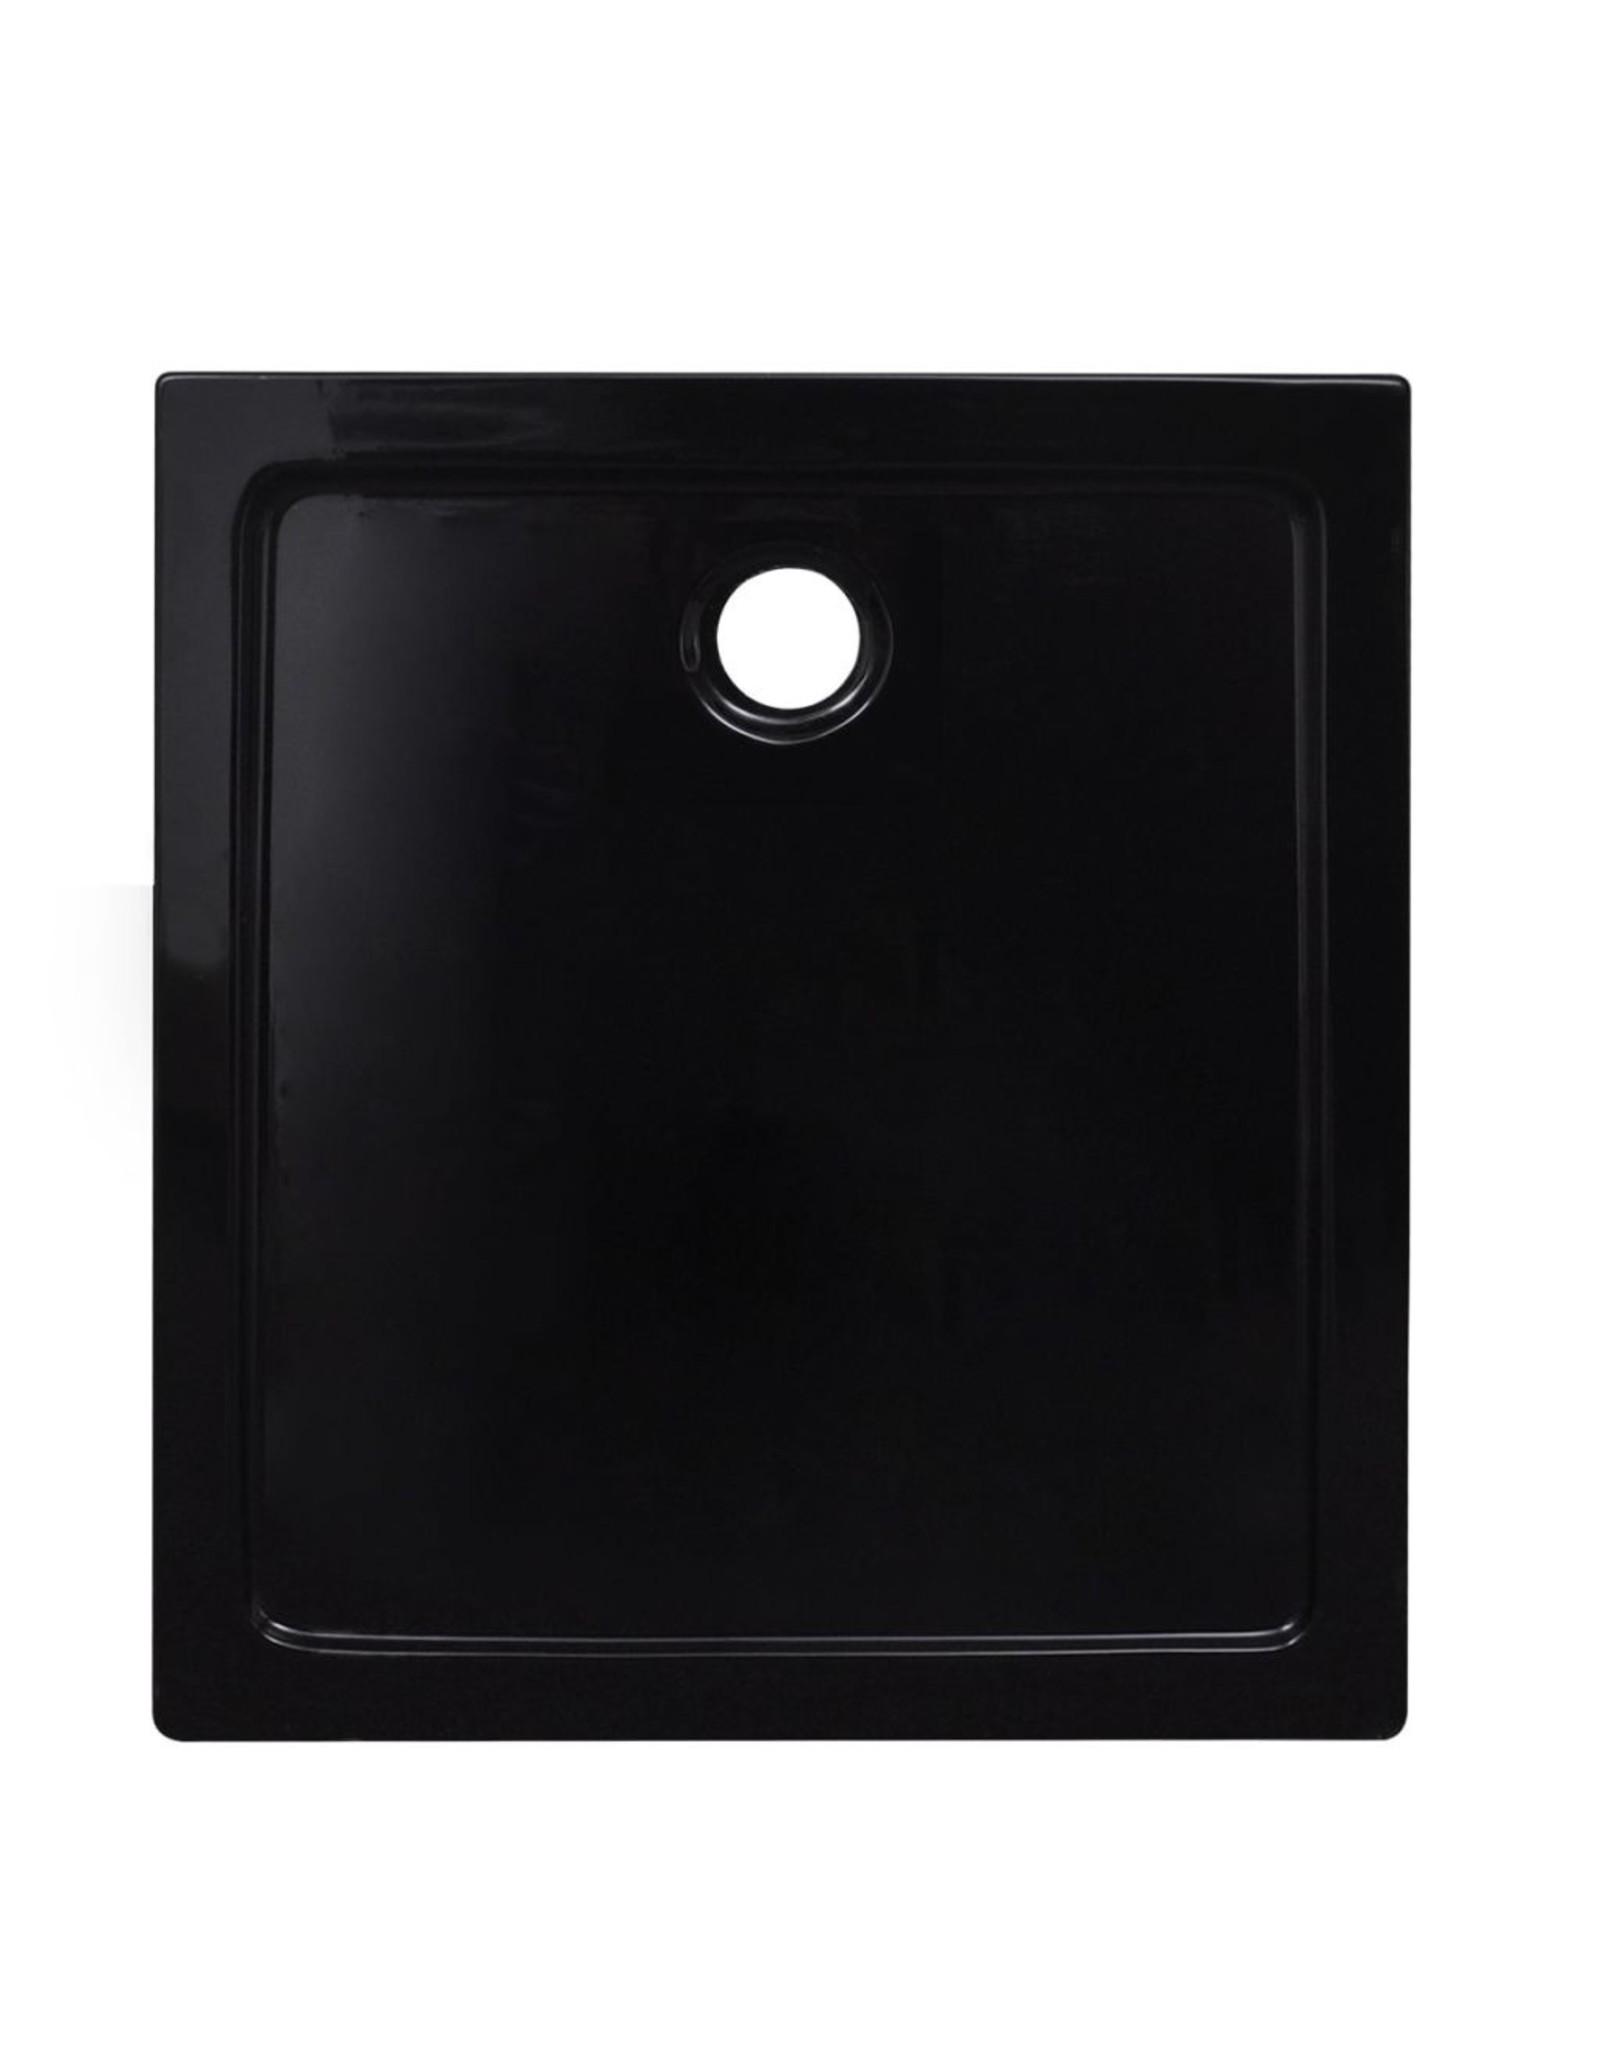 Douchebak rechthoekig 80x90 cm ABS zwart